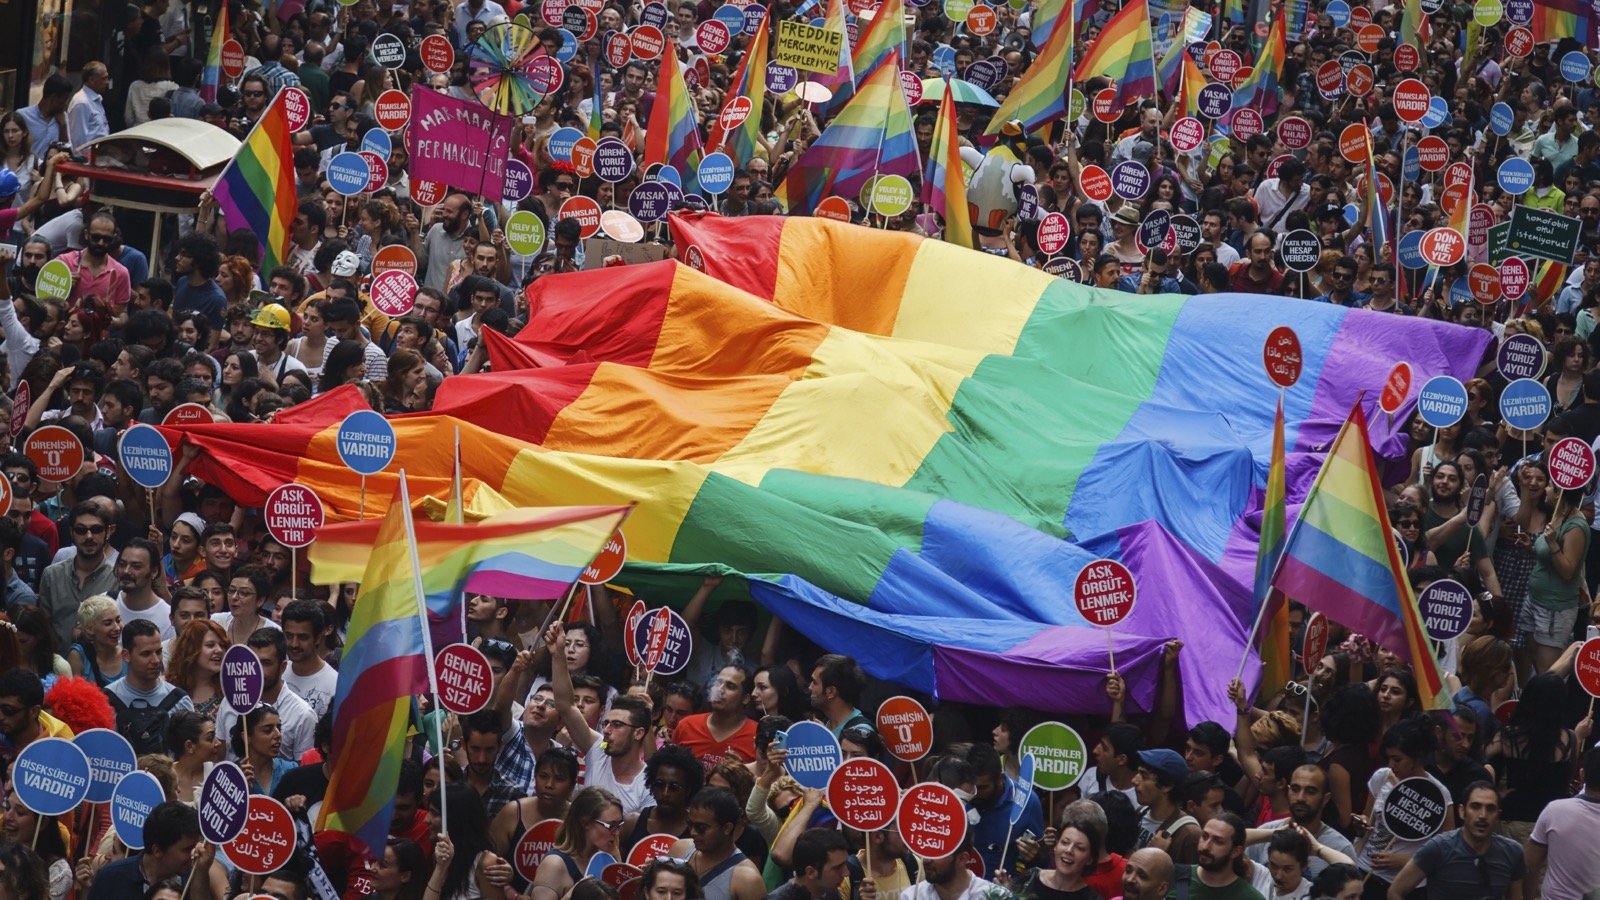 Ölmeden Önce Kesinlikle Gitmeniz Gereken, Avrupa'nın En İyi '10' LGBT Festivali